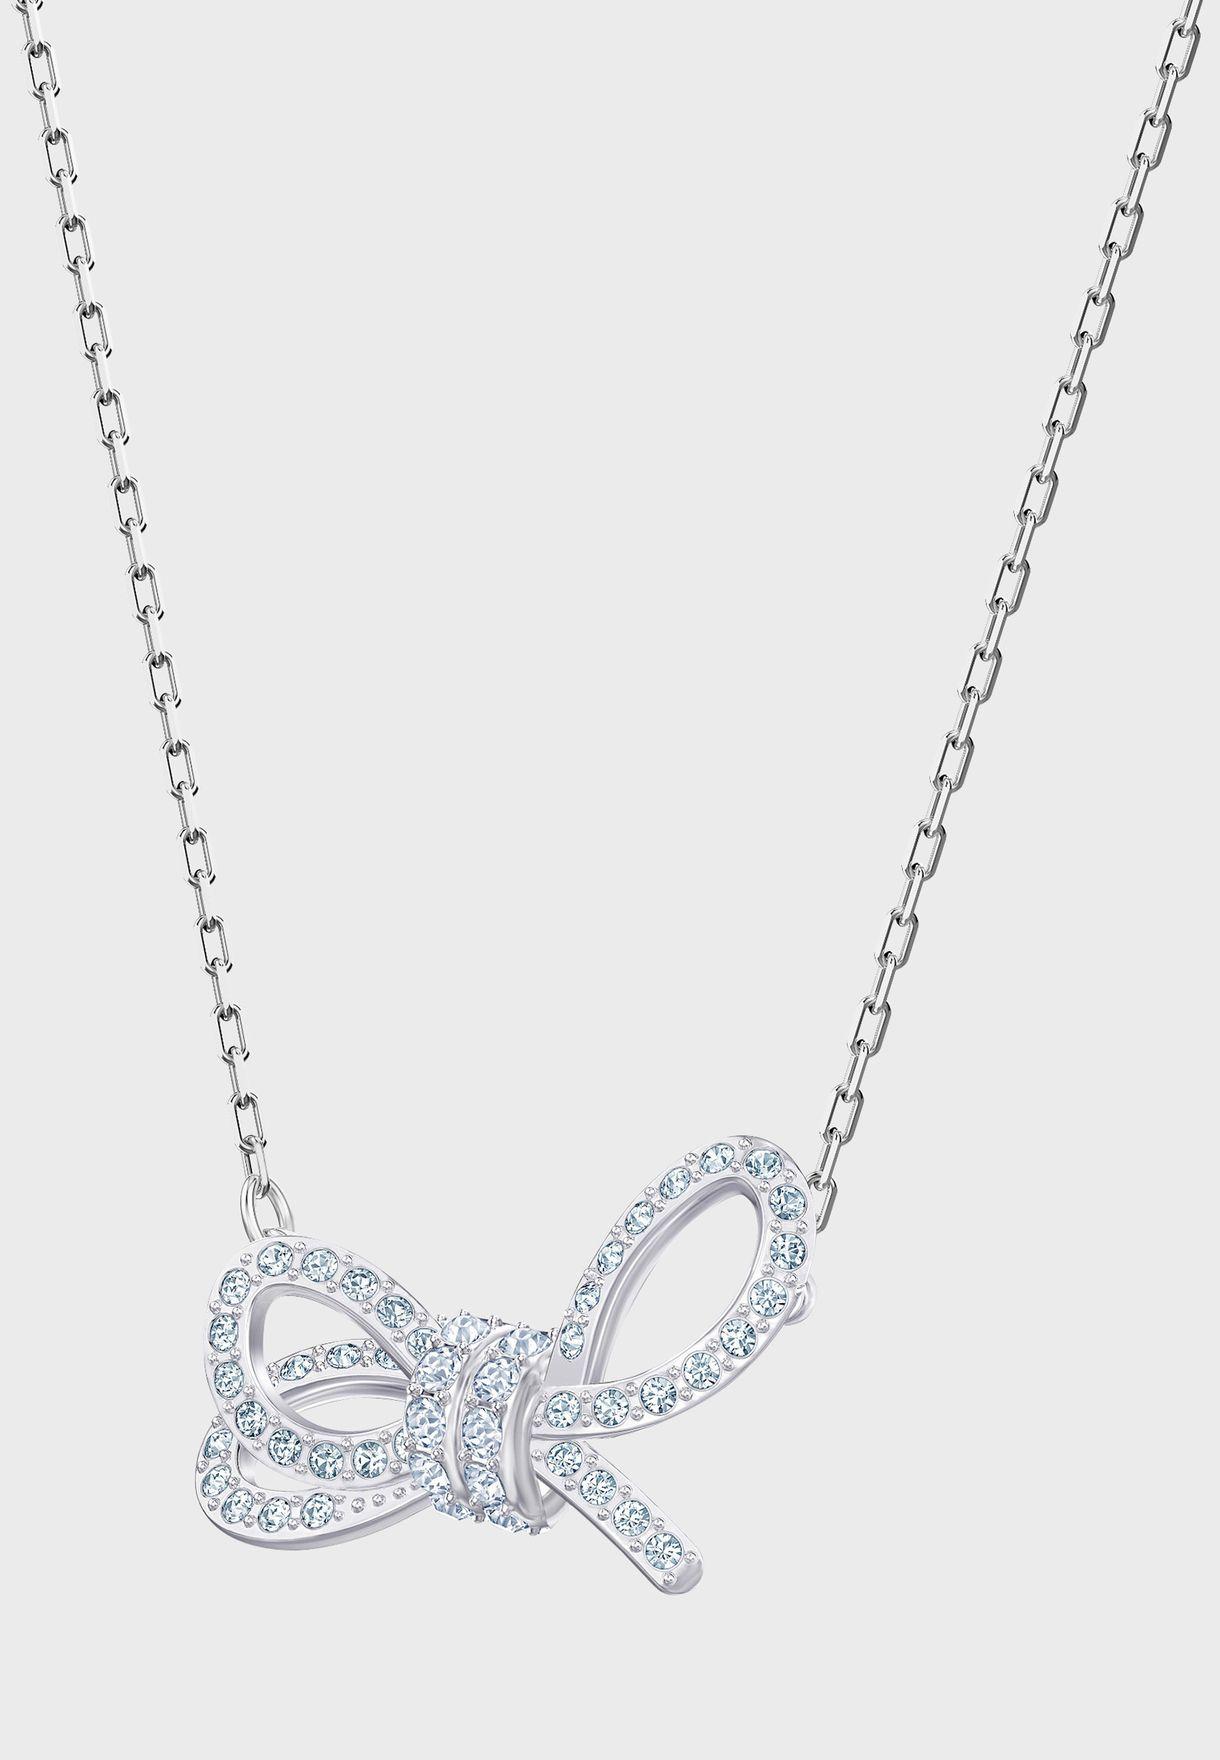 Lifelong Bow Necklace+Earrings Set